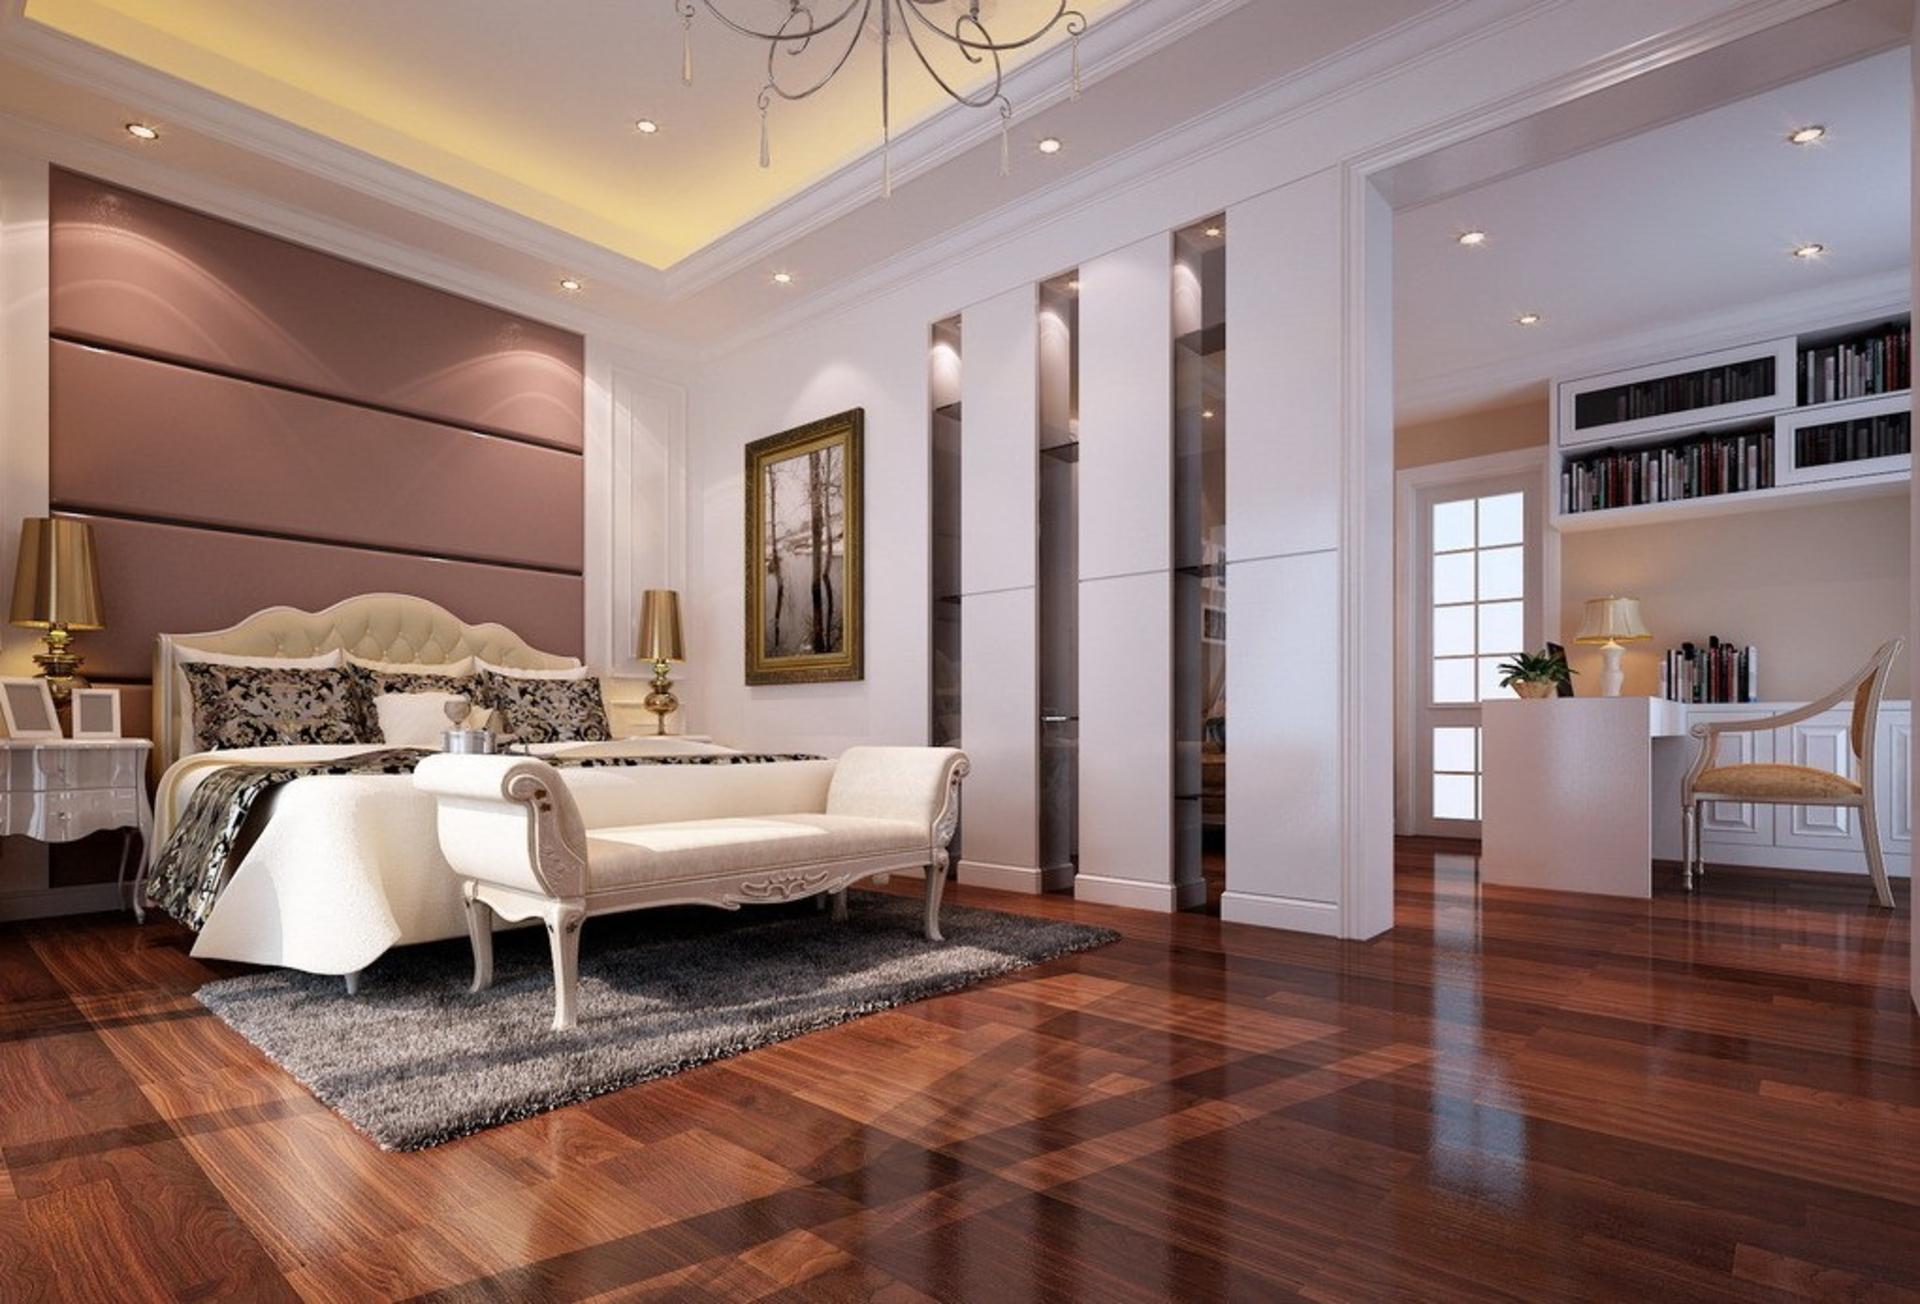 Лучше всего спальню в стиле неоклассика делать в большой квартире с высокими потолками